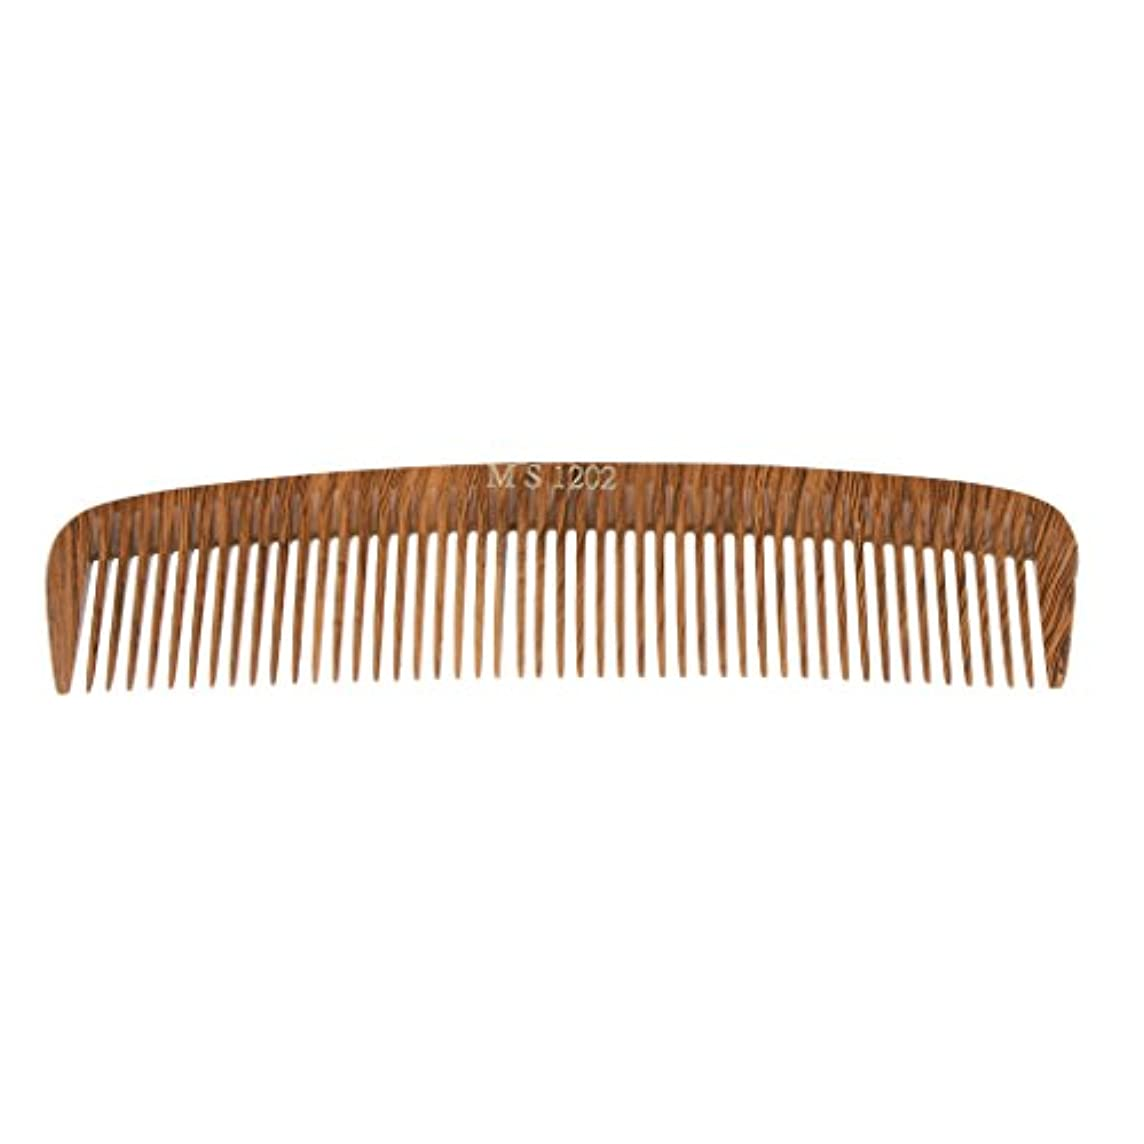 トラブル防止新鮮なPerfk ヘアカットコーム コーム 木製櫛 くし ヘアブラシ ウッド 帯電防止 4タイプ選べる - 1202